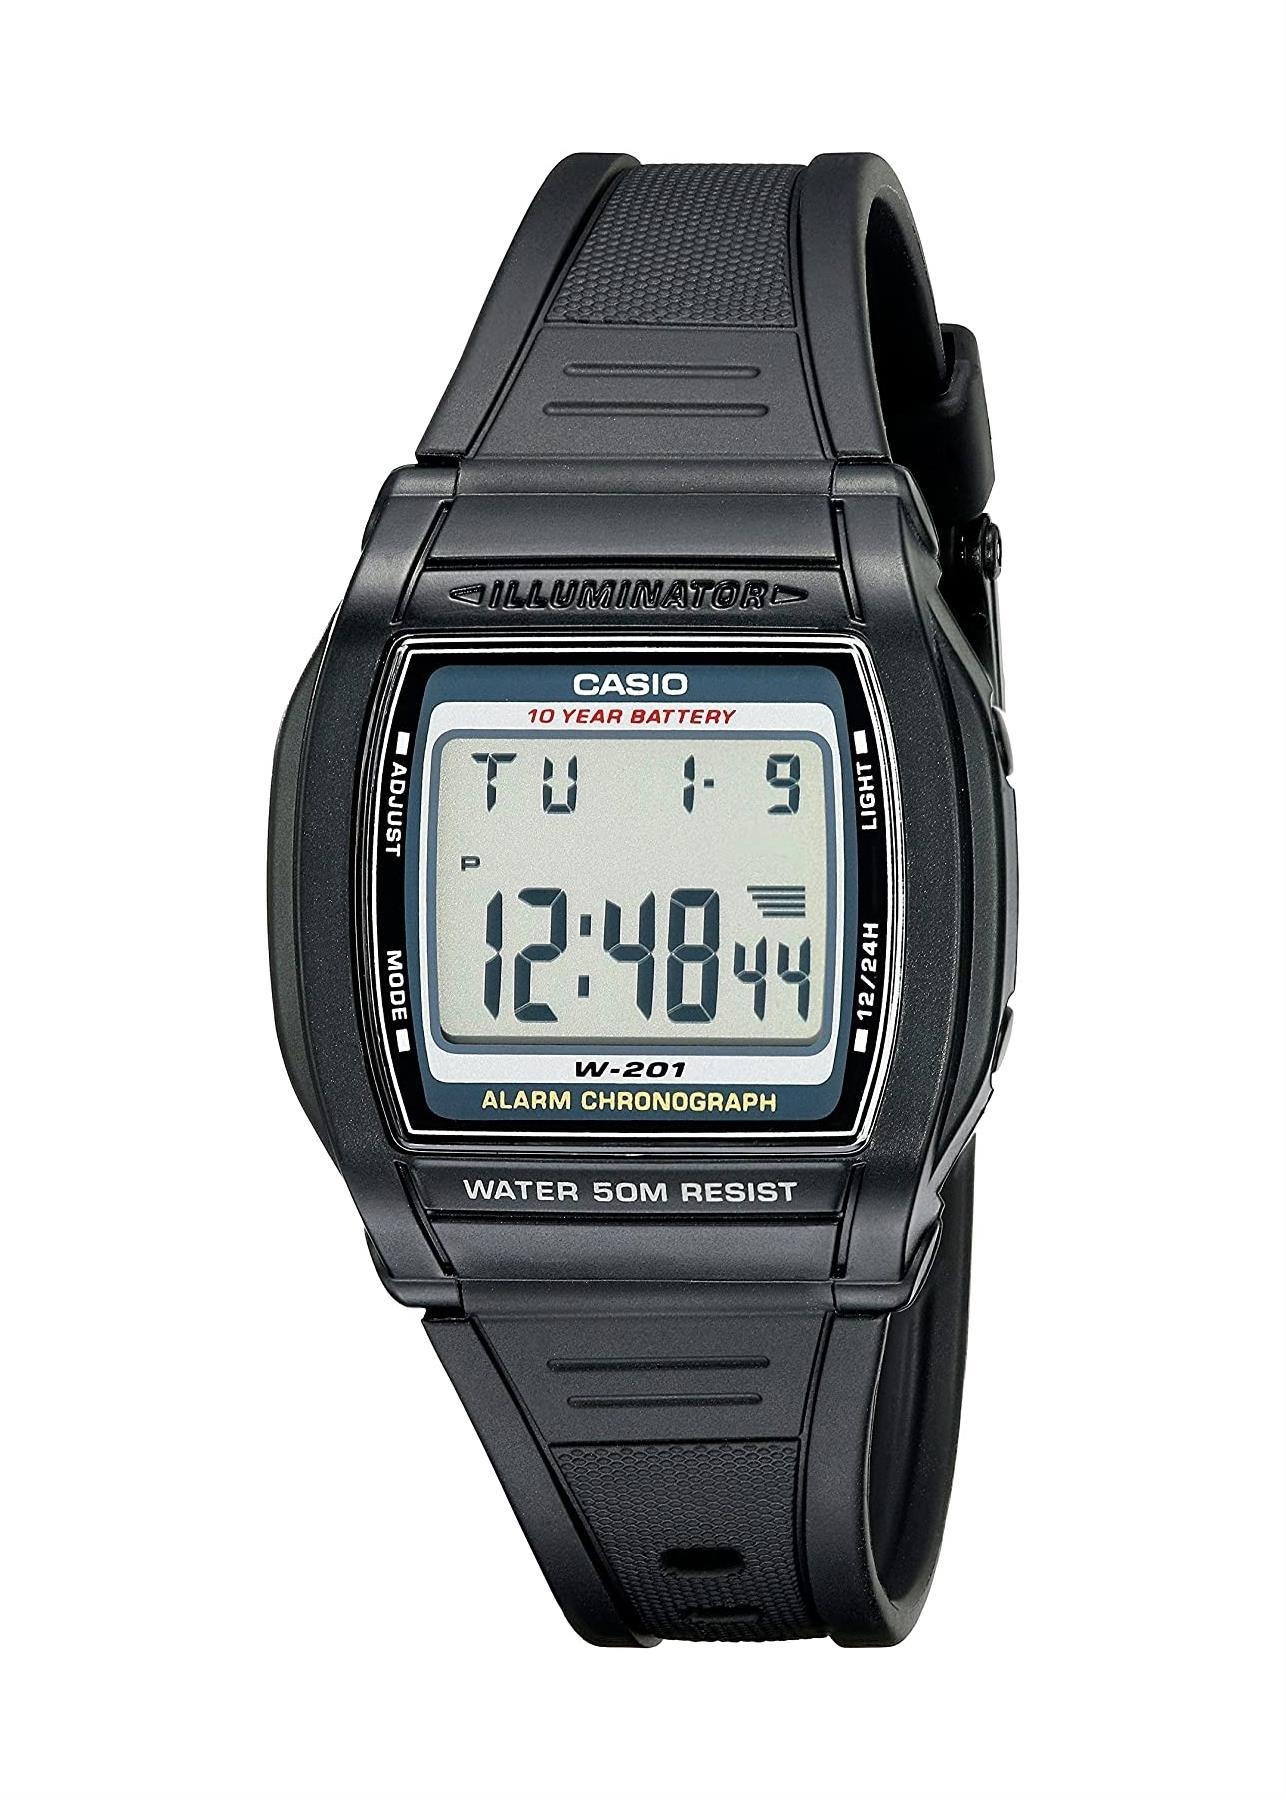 CASIO Ladies Wrist Watch W-201-1AV